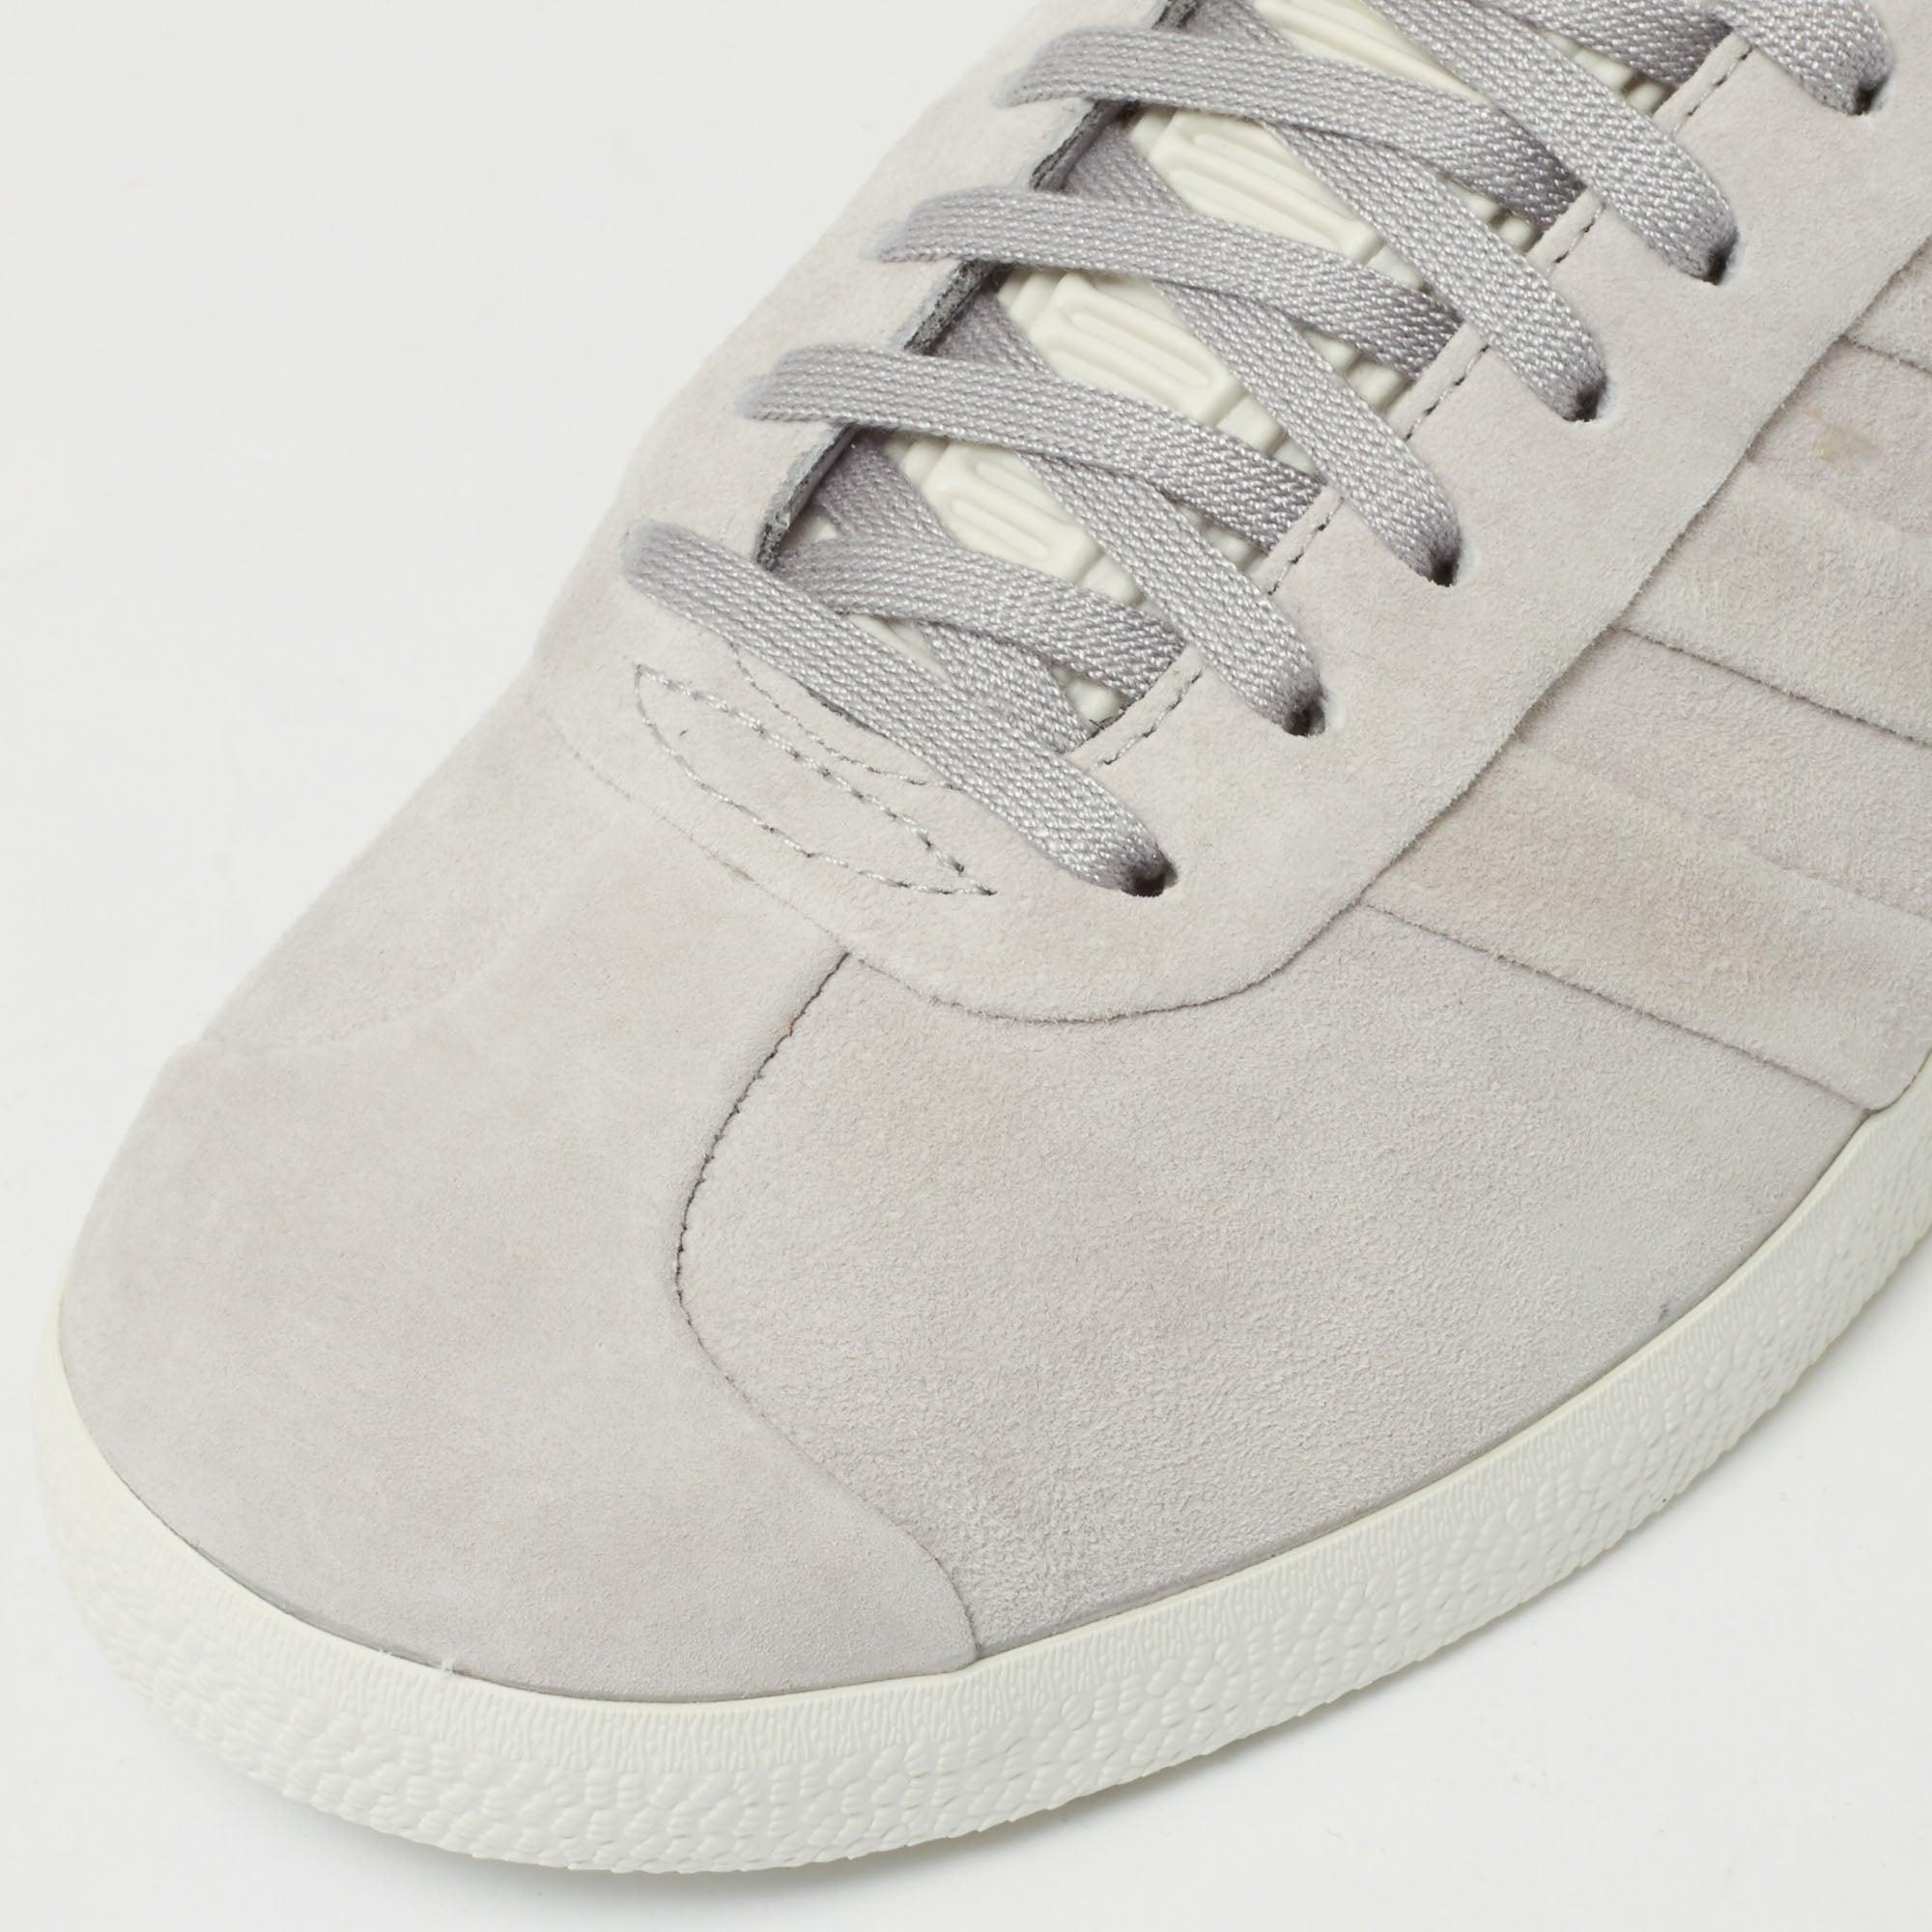 286e01afc466 Adidas Grey Womens Gazelle Stitch BB6709